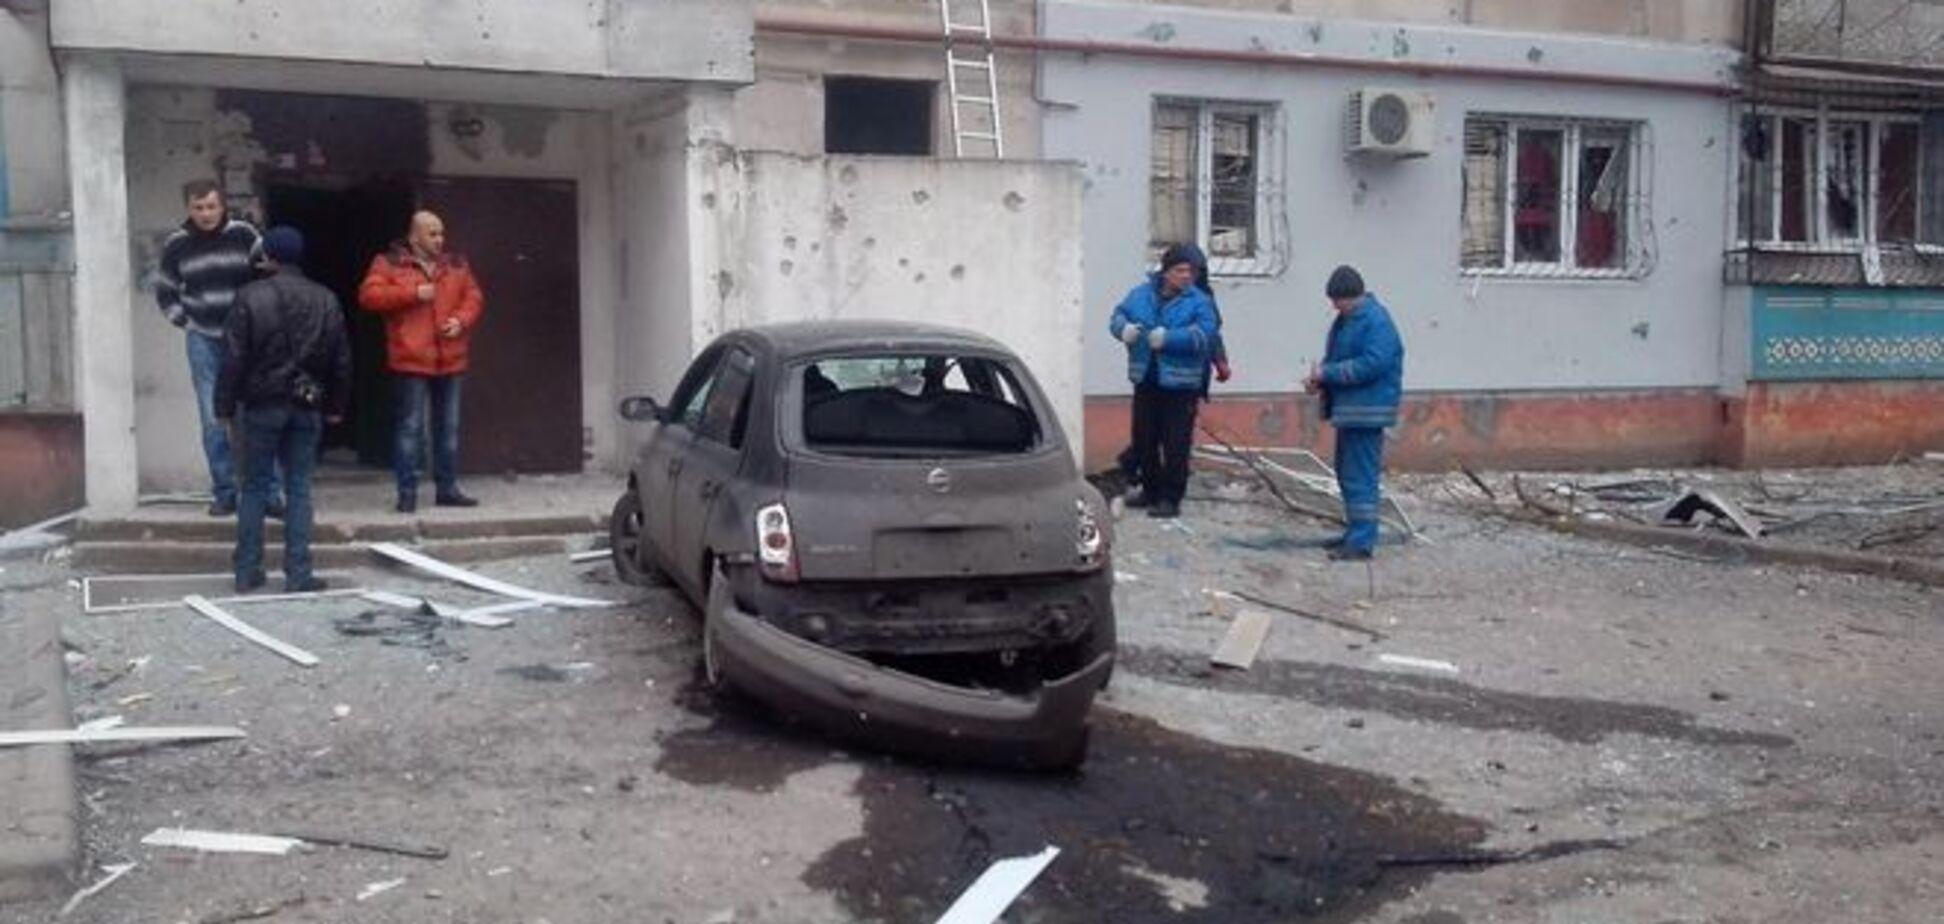 ОБСЕ: Мариуполь обстреляли 'Ураганами' и 'Градами' с территории, подконтрольной 'ДНР'